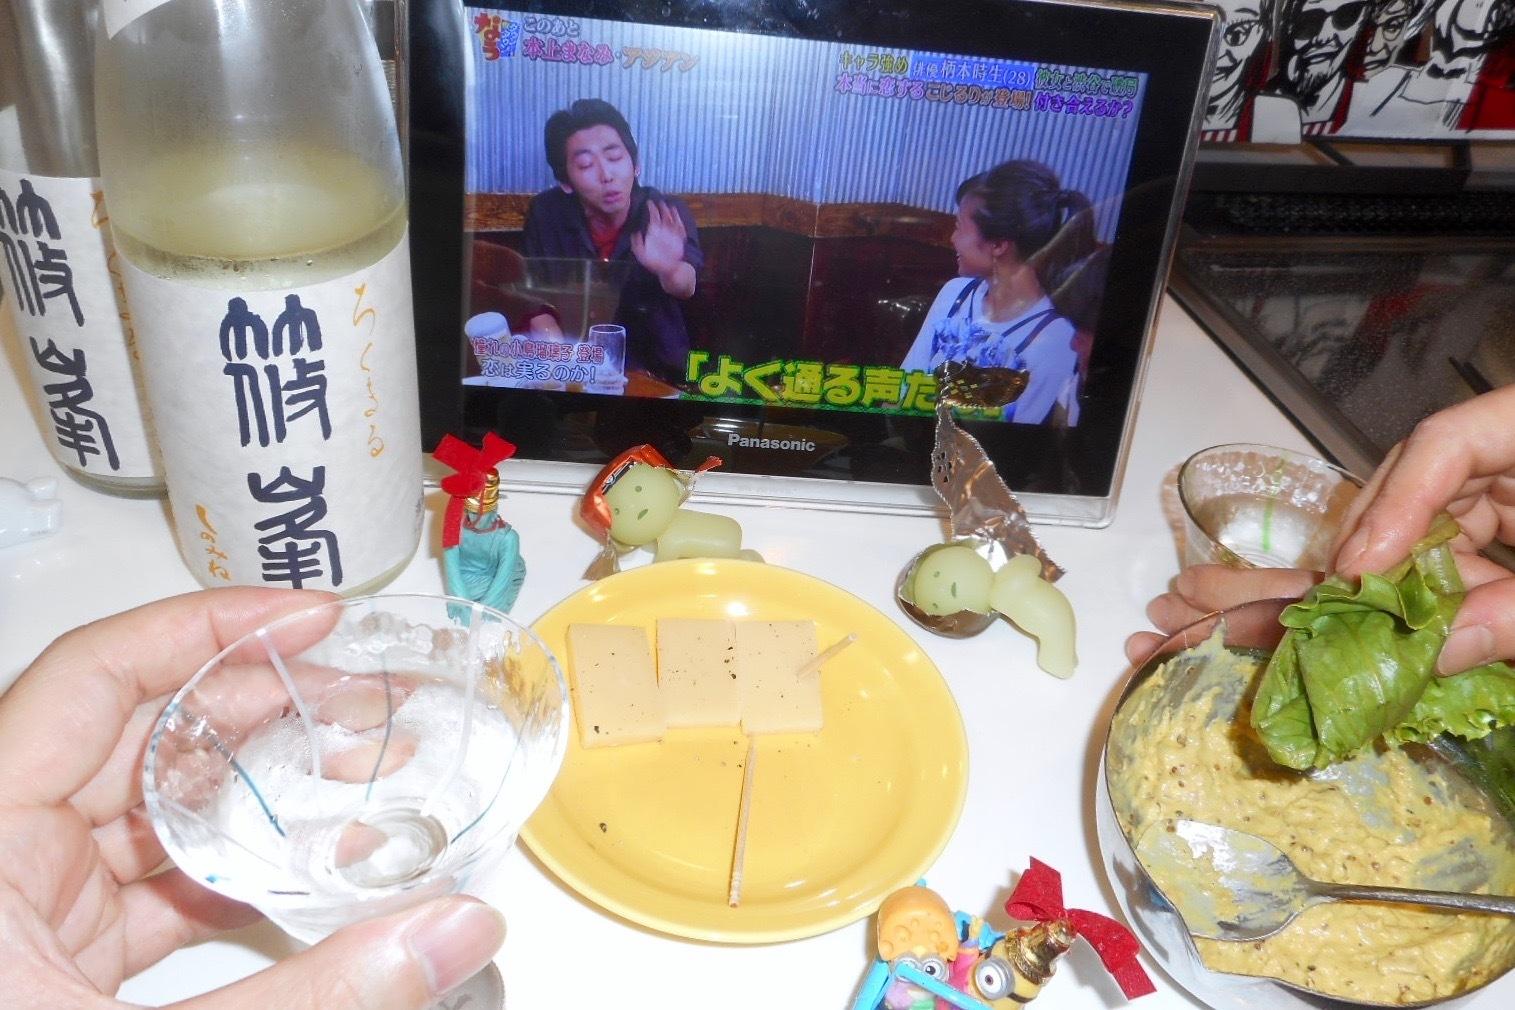 rokumaru_oyama夏色29by9